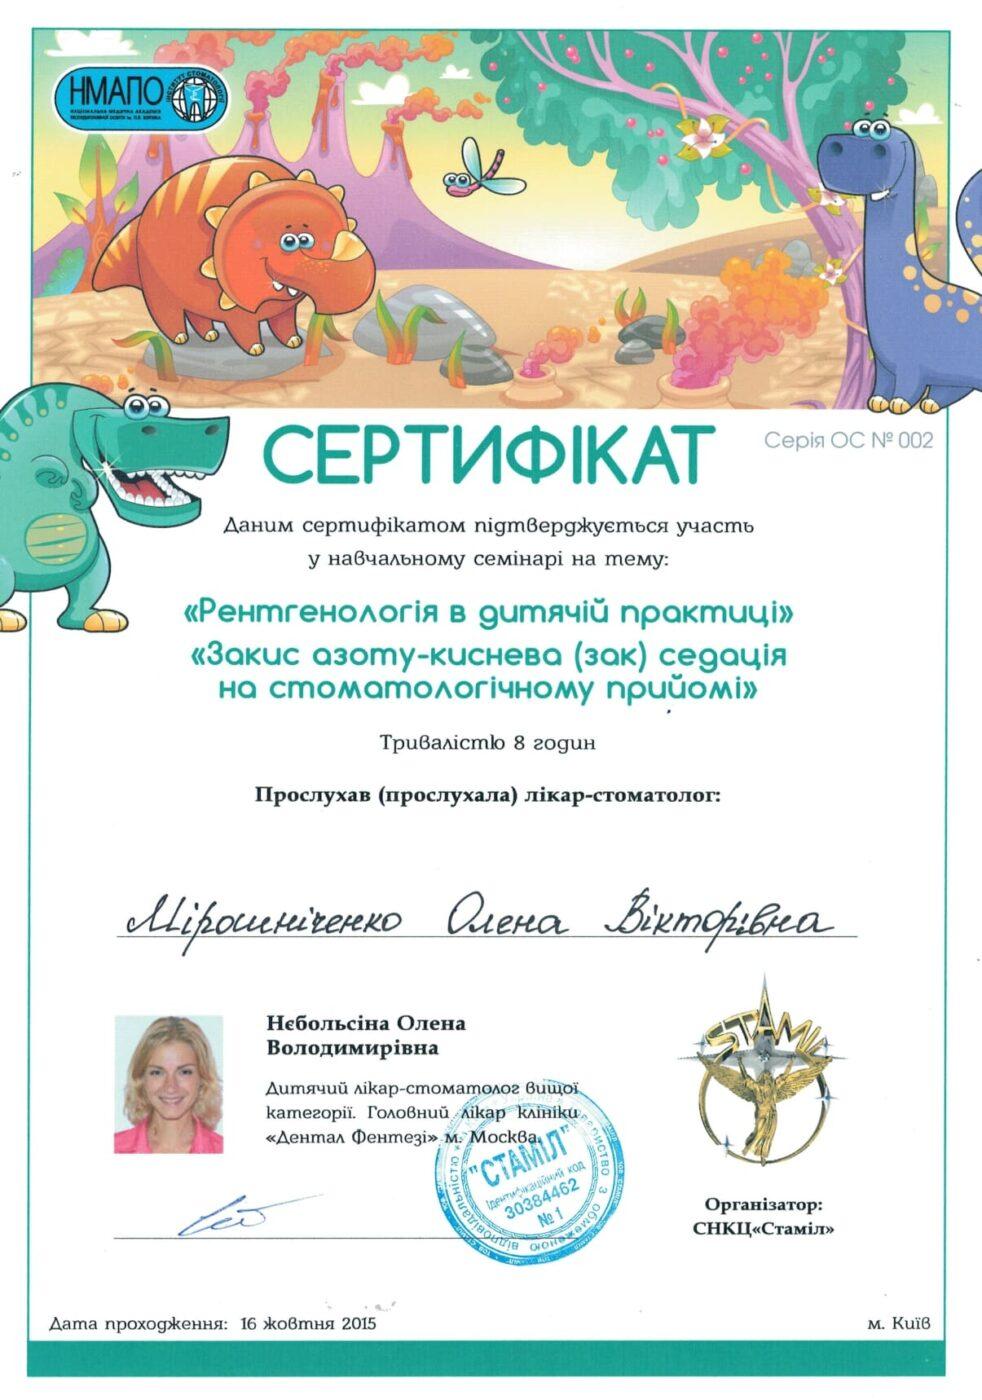 Сертифікат дитячого лікаря стоматолога Мирошниченко Елены Викторовны об участі у семінарі (Рентгенологія в дитячій практиці)